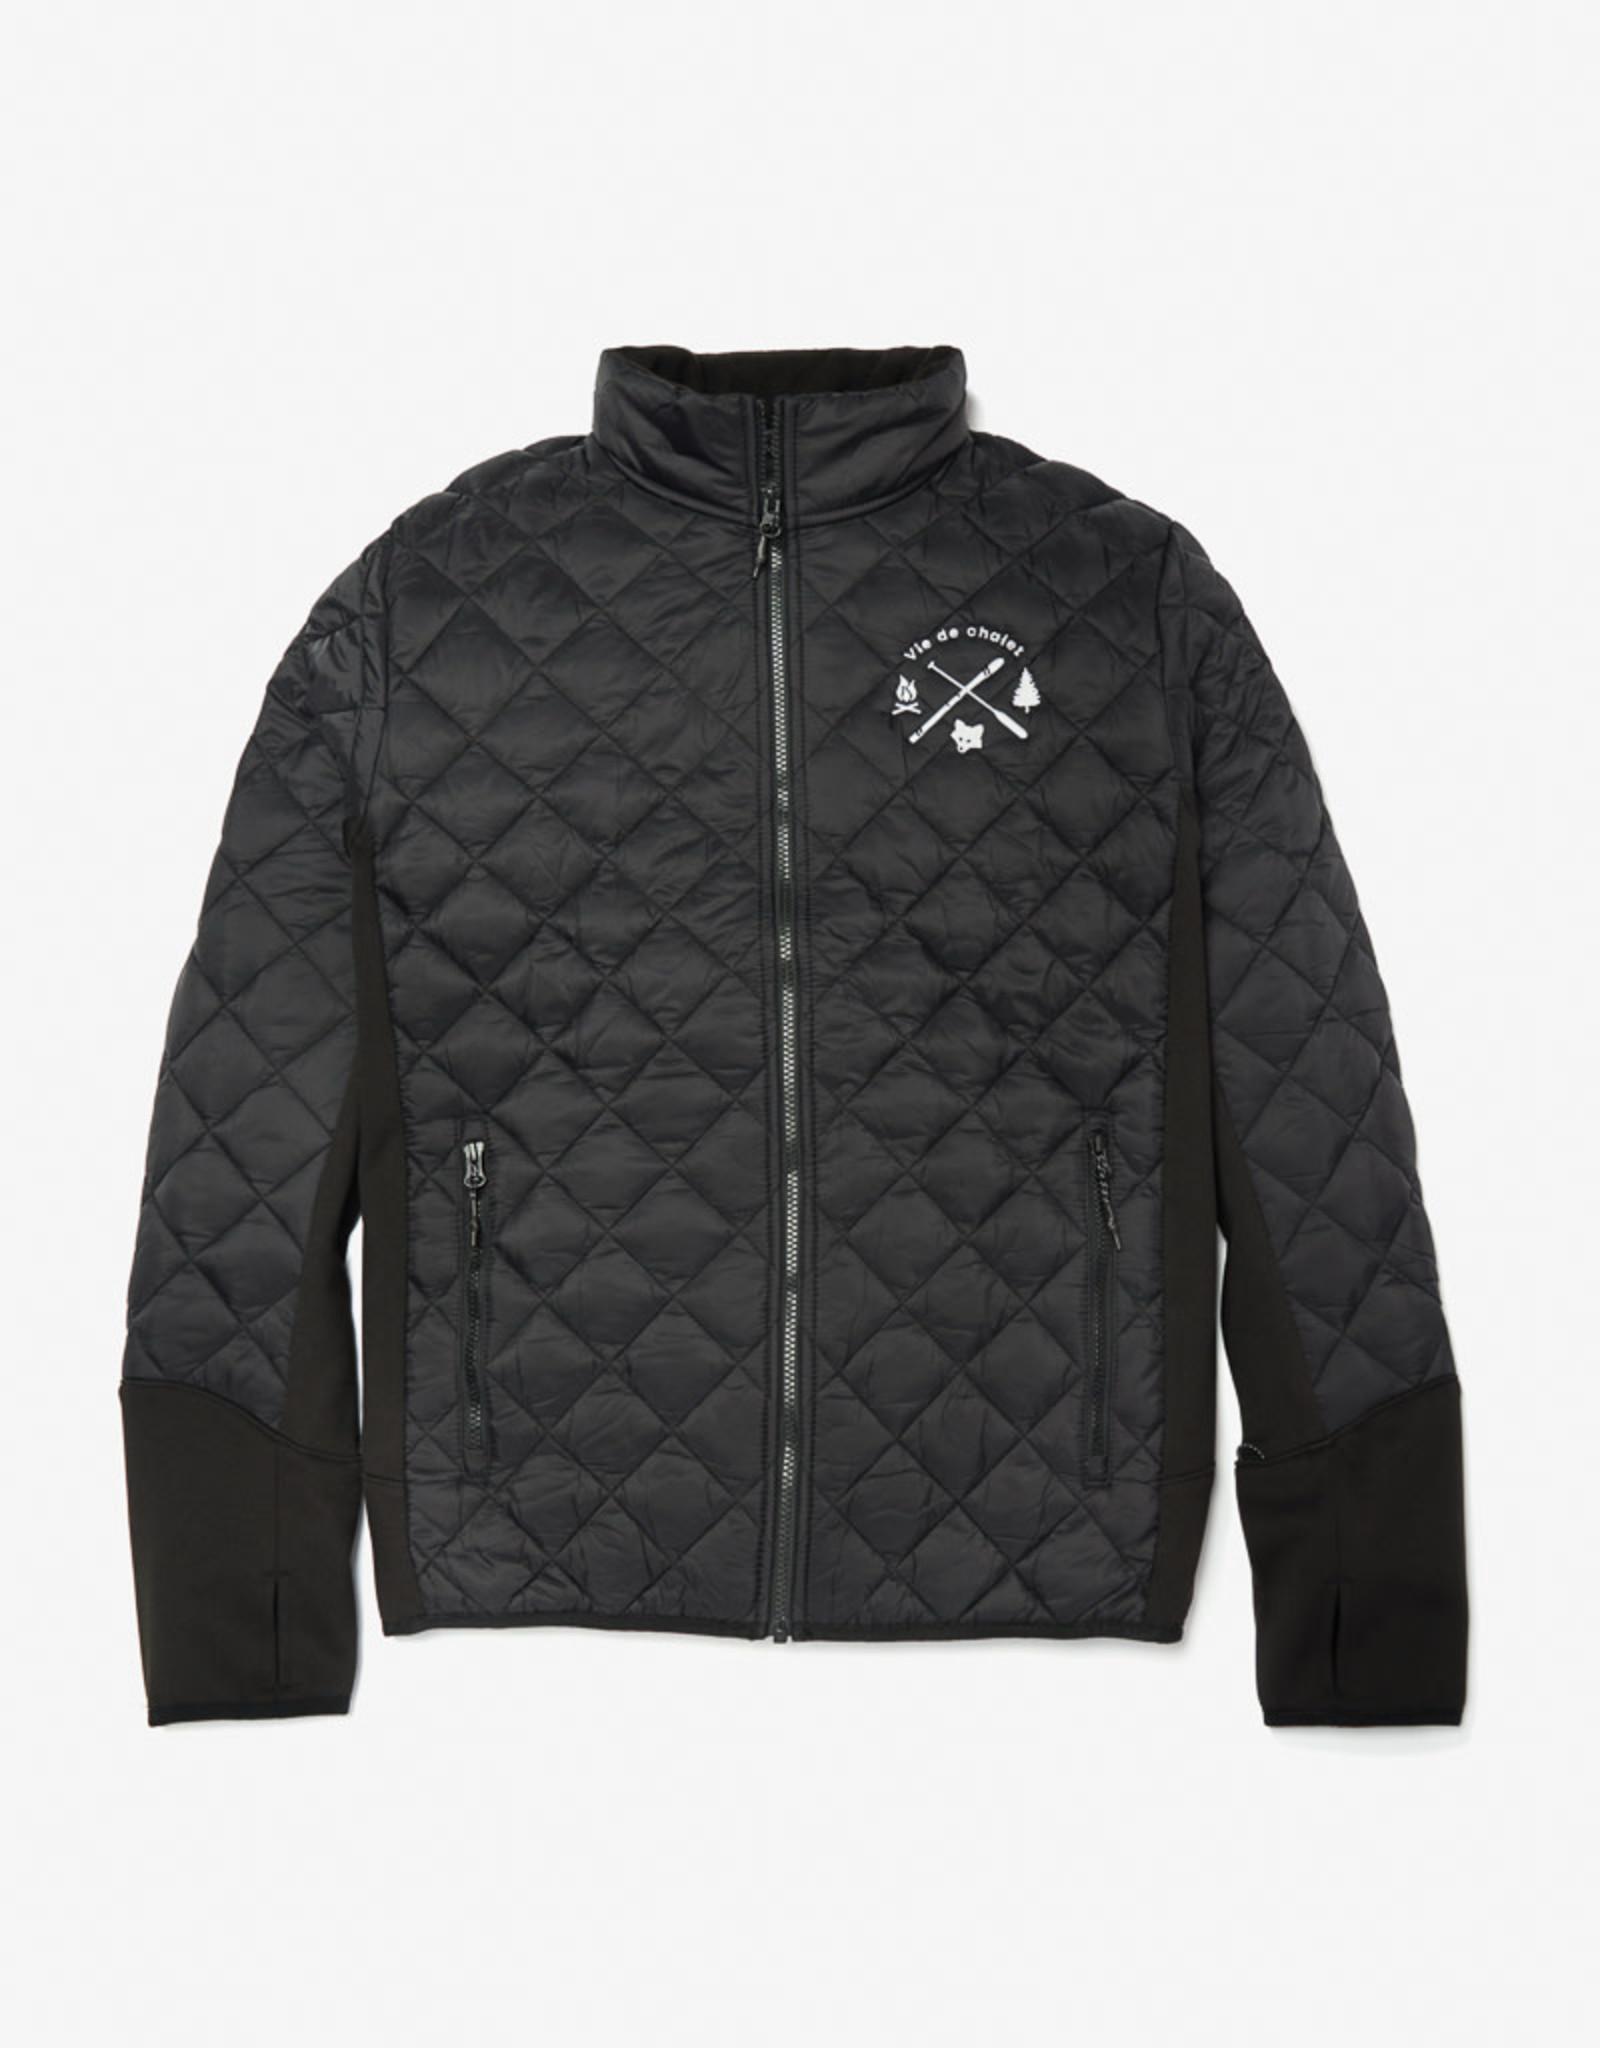 TRIMARK Men's insulated jacket